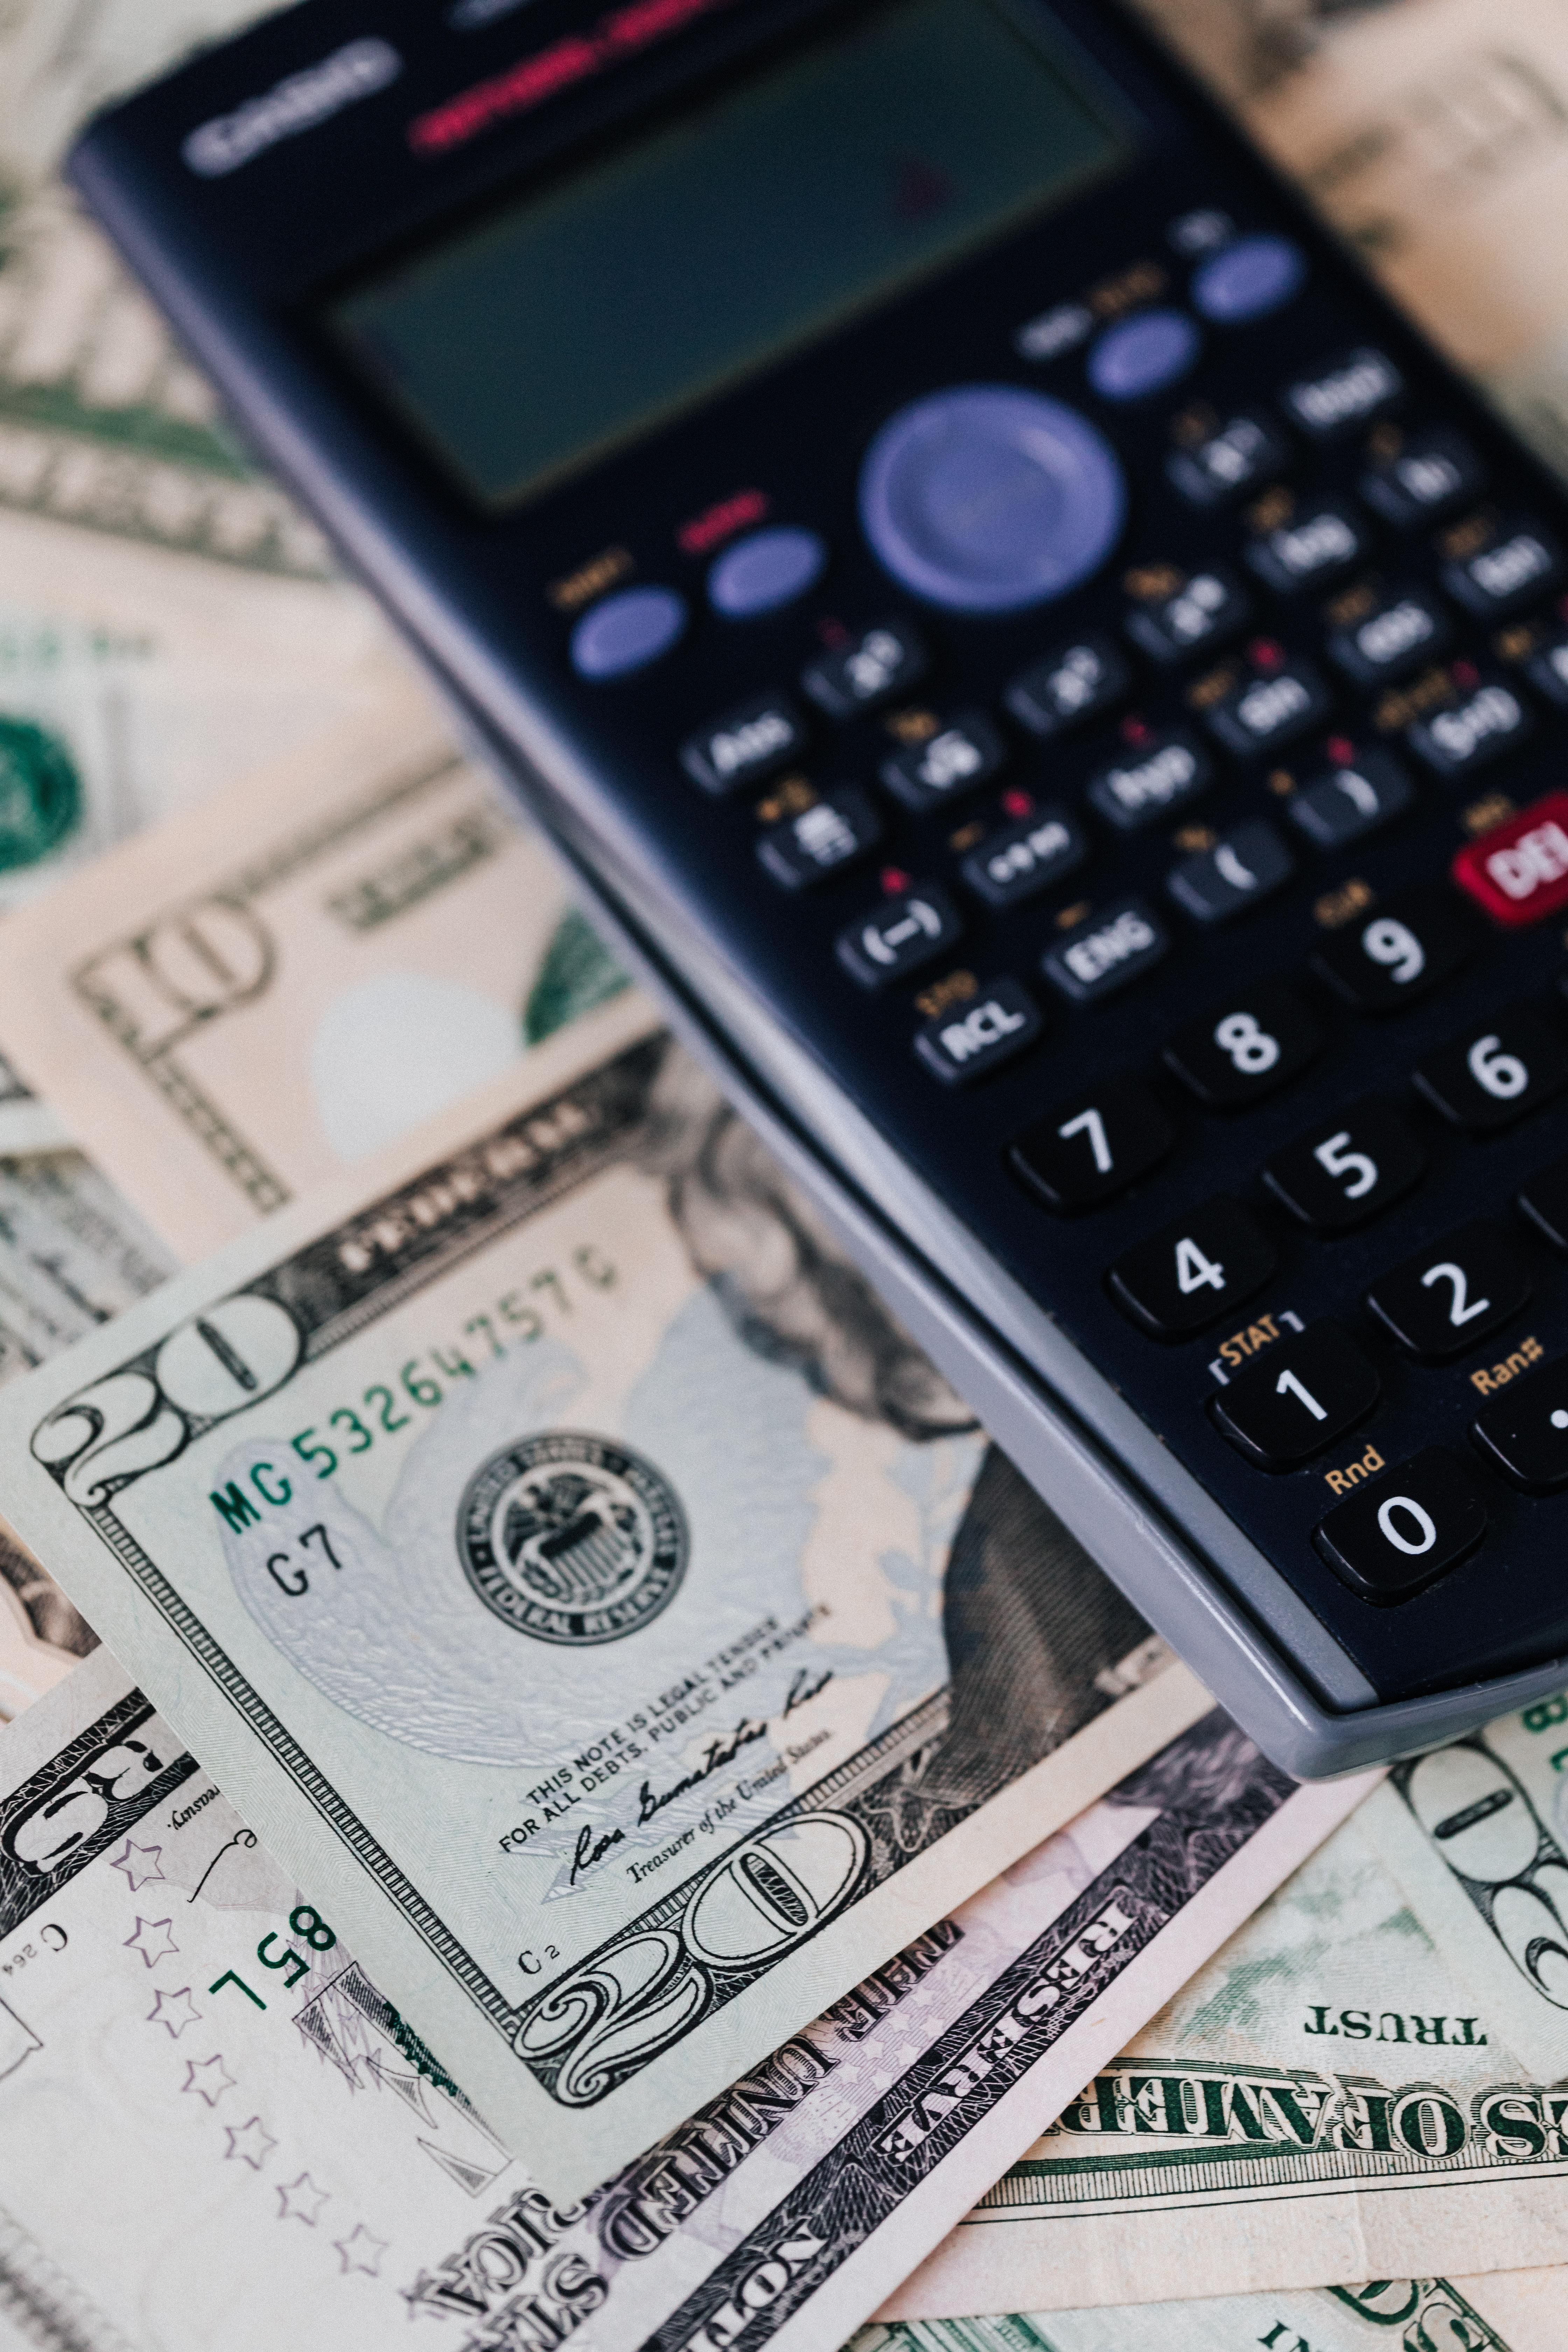 https://www.hendrickspower.com/sites/hendrickspower/files/revslider/image/calculator-on-pile-of-paper-banknotes-4386406.jpg